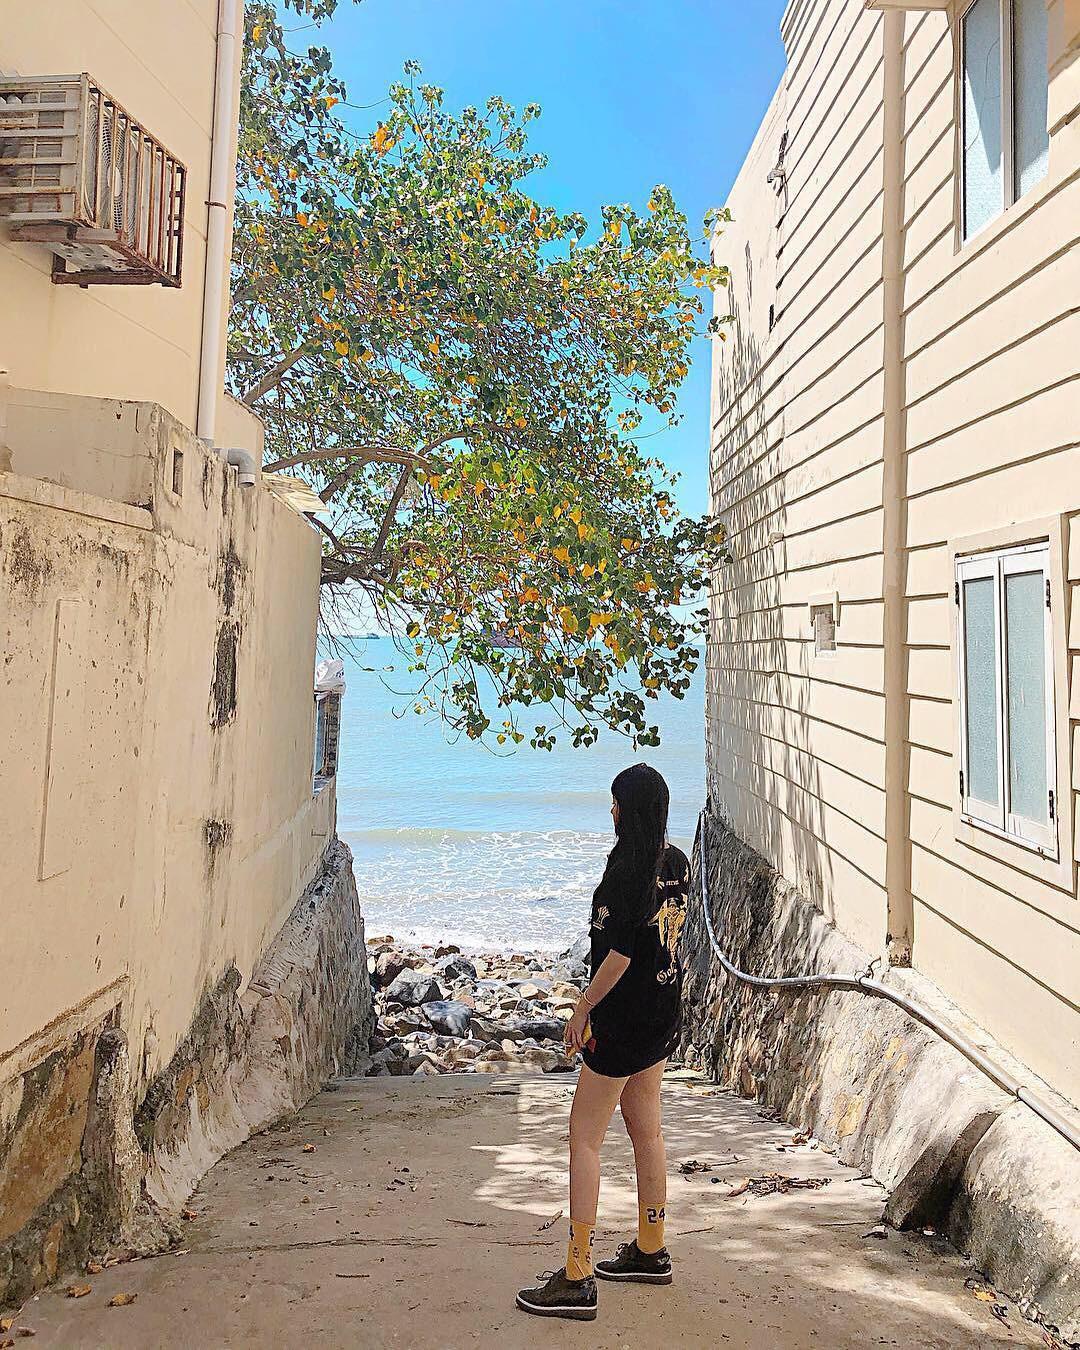 Con hẻm sống ảo tại Vũng Tàu đang là địa điểm được giới trẻ check-in rần rần trên Instagram - Ảnh 12.